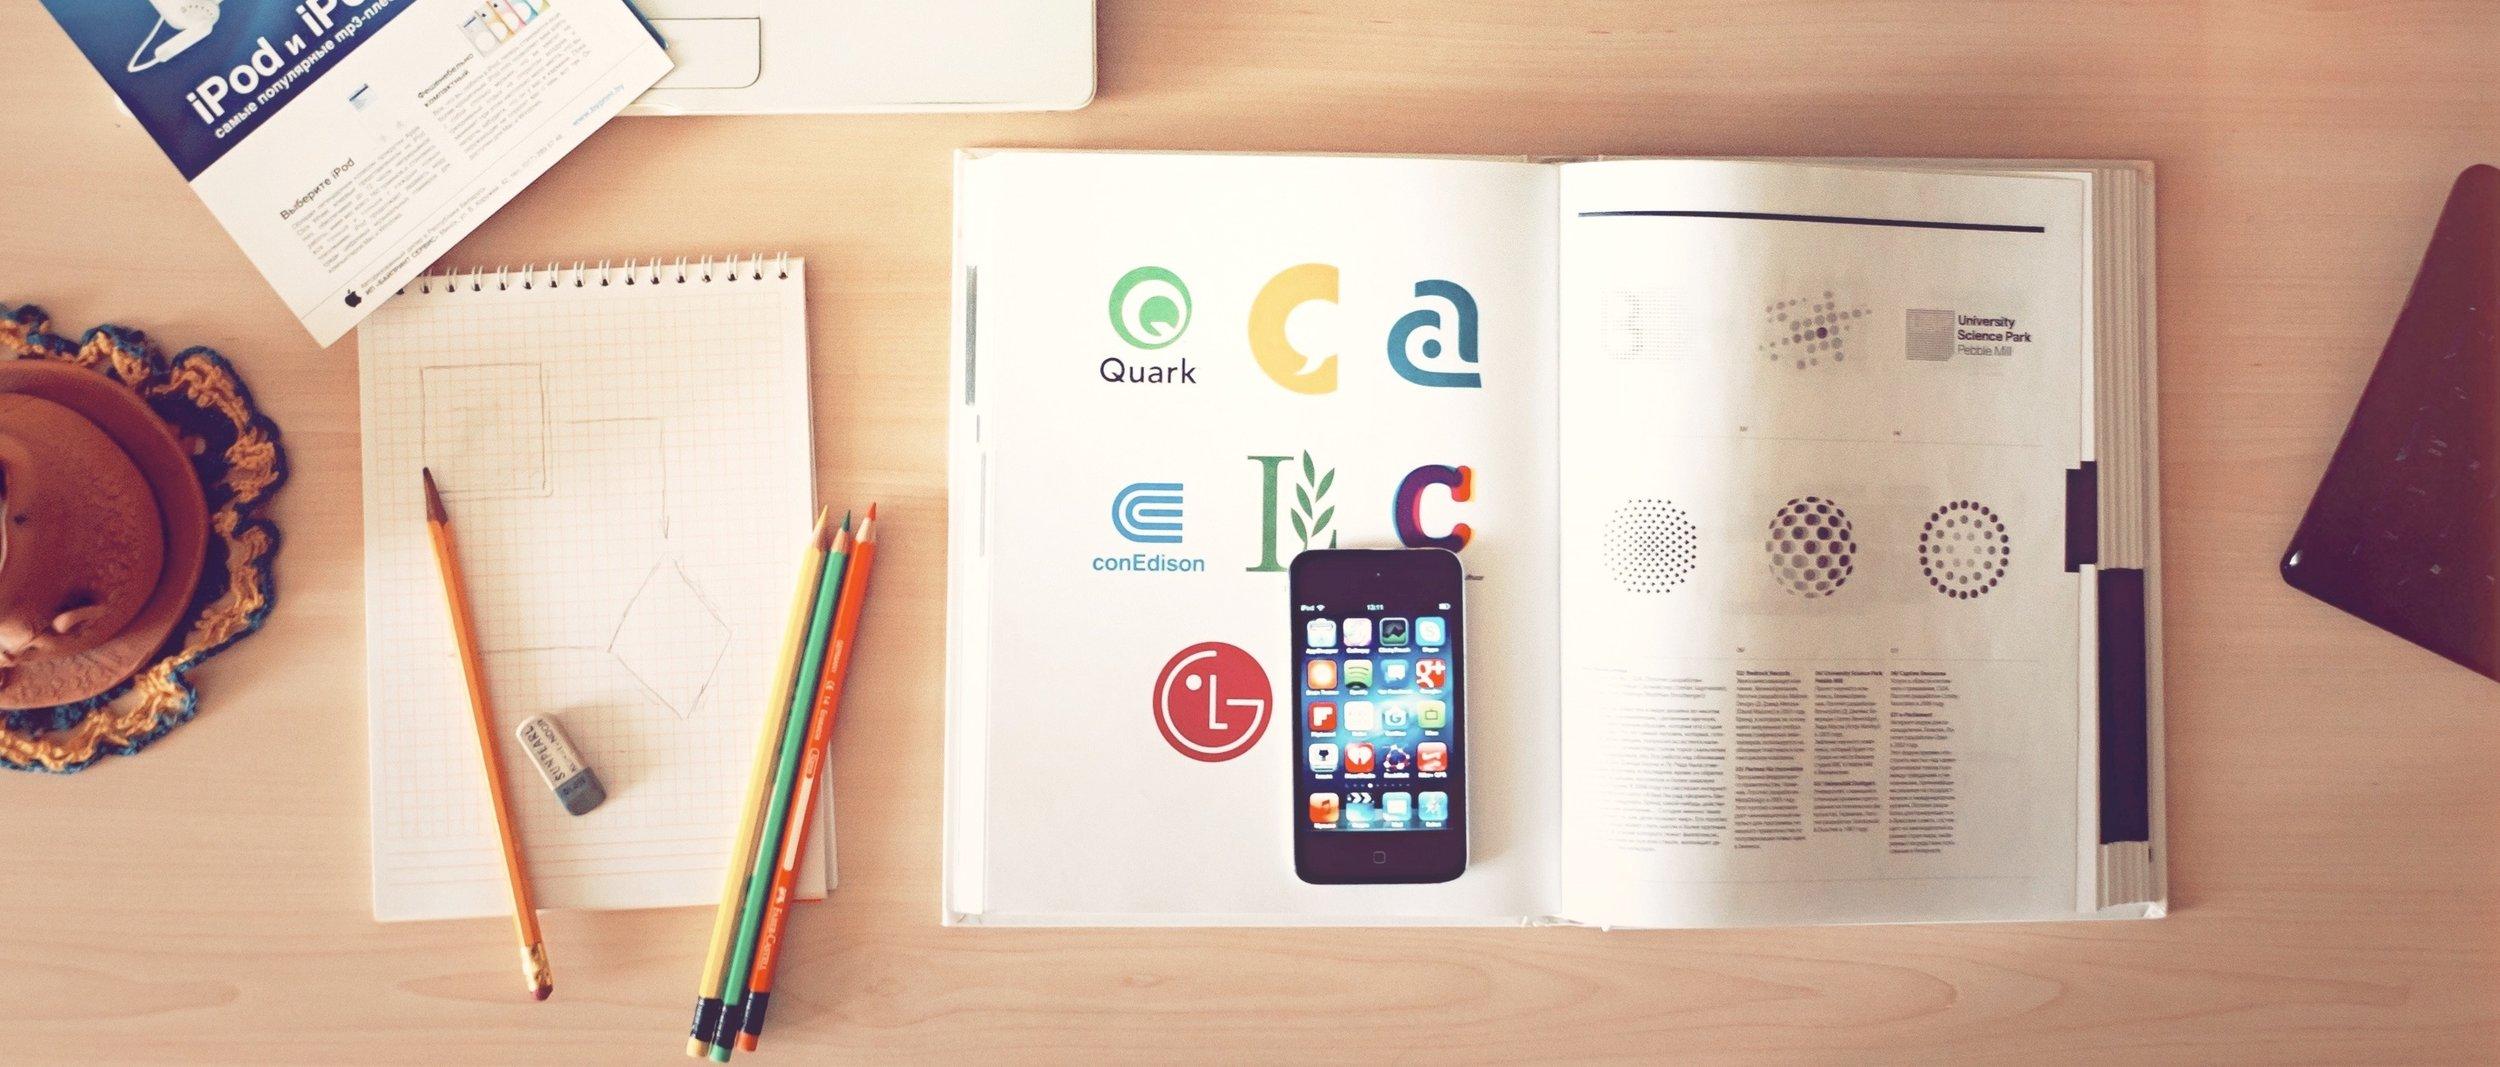 branding-higher-education.jpg